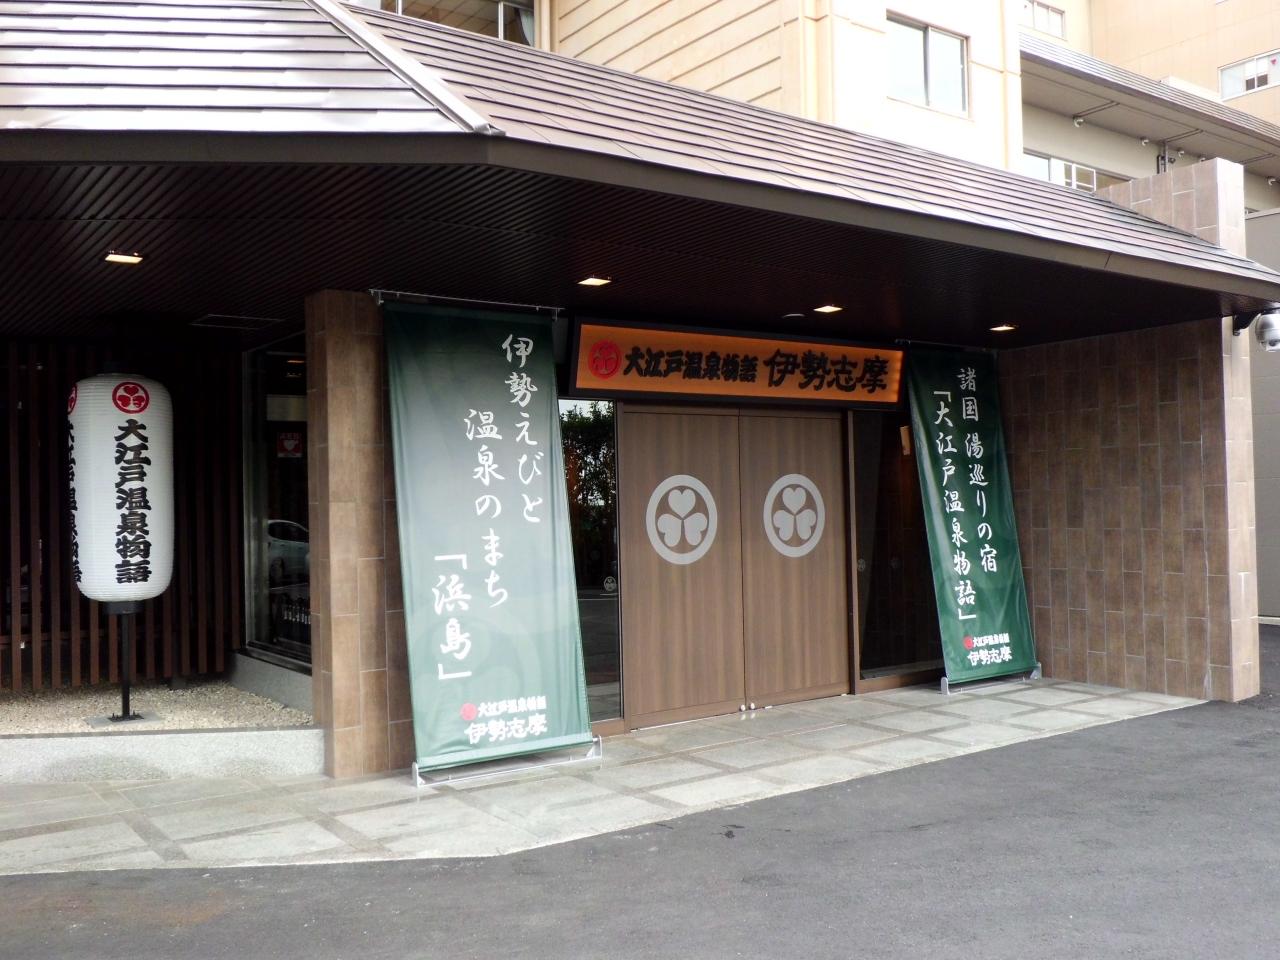 江戸 伊勢 志摩 温泉 大